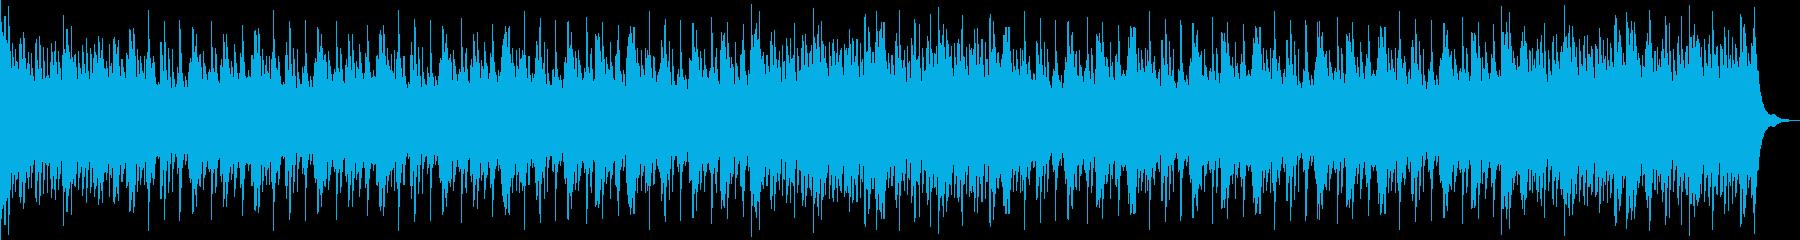 温かいエンディングローファイヒップホップの再生済みの波形